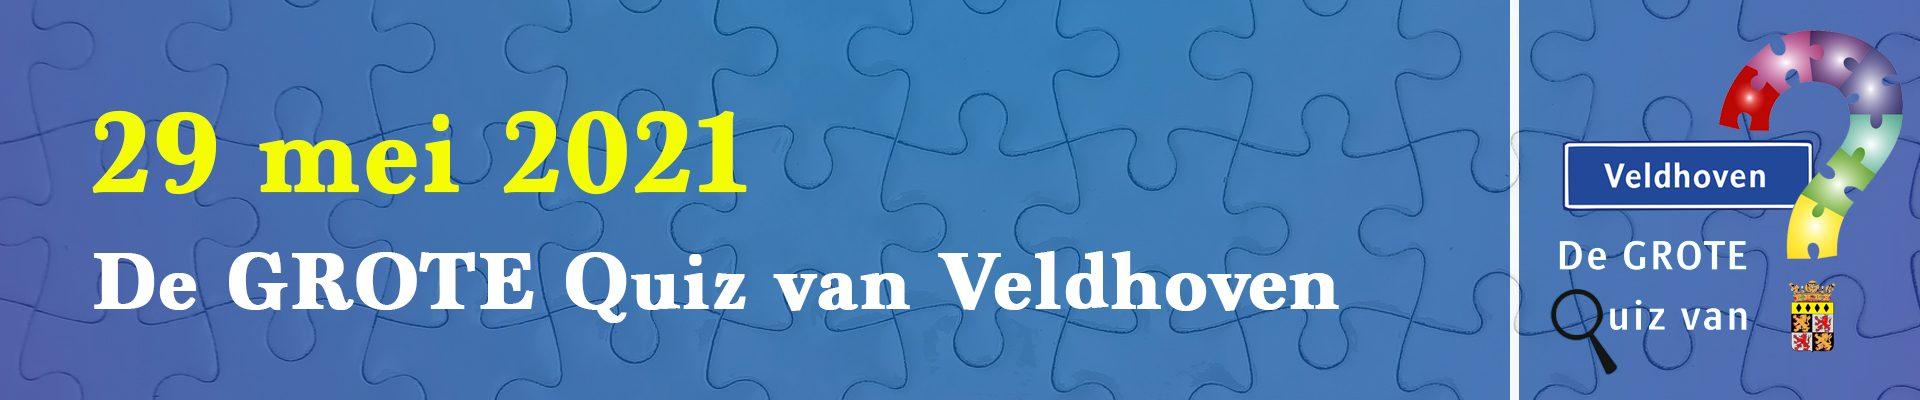 De GROTE Quiz van Veldhoven